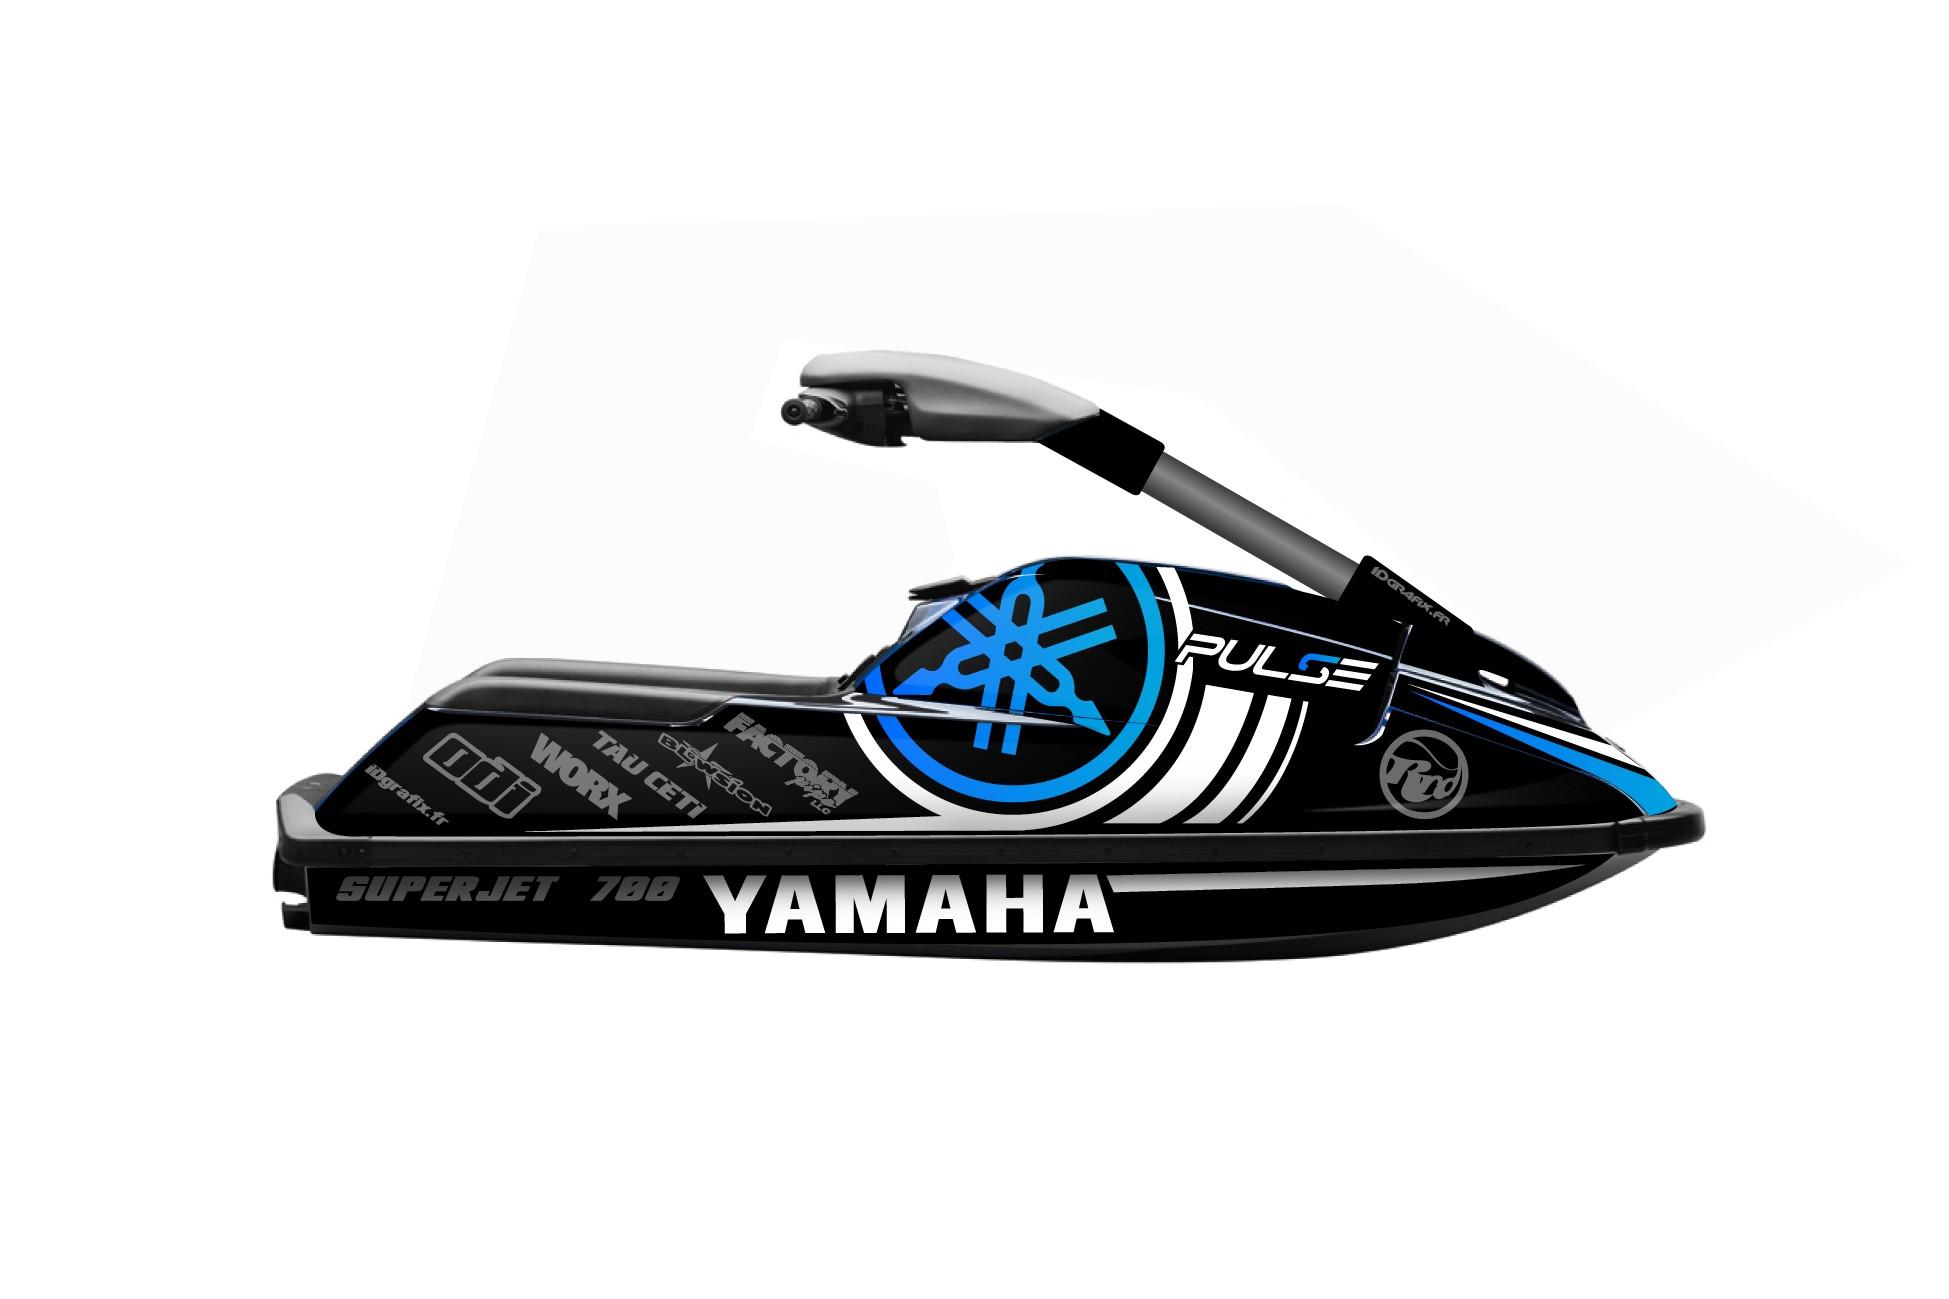 Kit décoration Pulse BLUE pour Yamaha Superjet 700 - idgrafix